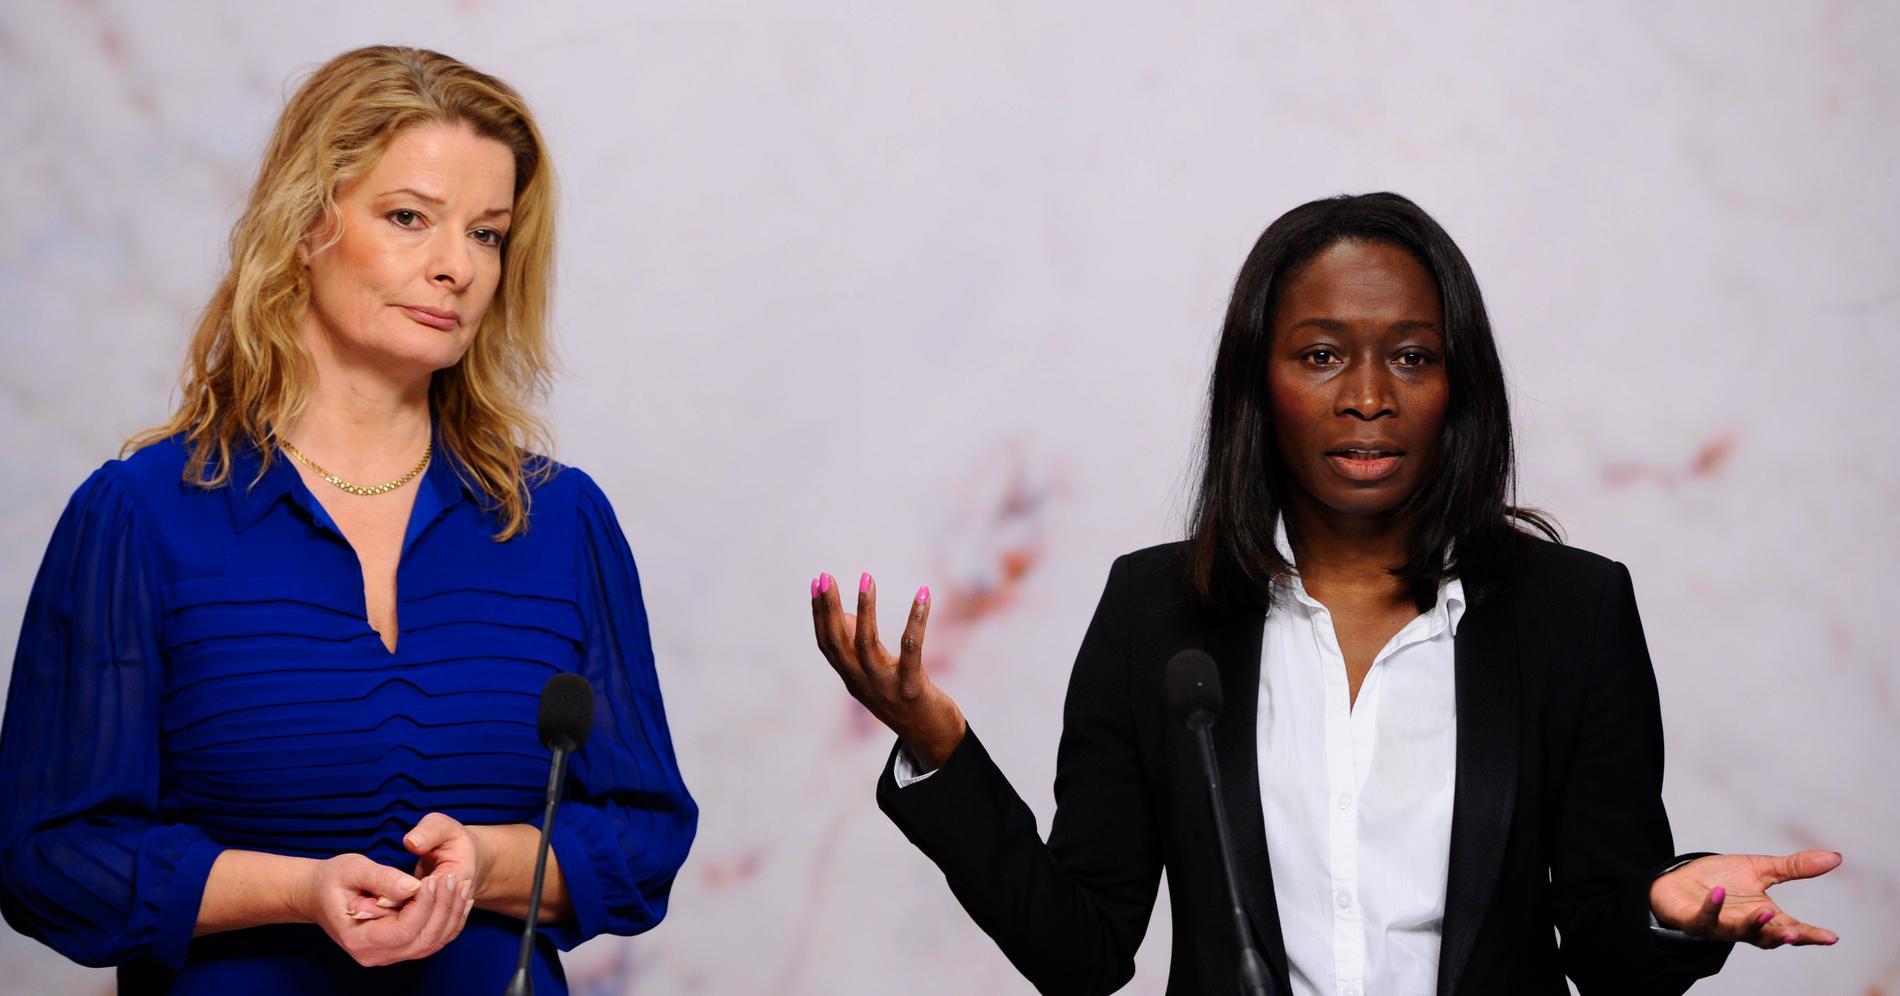 Lotta Edholm tillsammans med partiledaren Nyamko Sabuni när Edholm var skolborgarråd i Stockholm. Idag har hon bytt sida och jobbar hon för börsnoterade skolkoncernen Tellusgruppen.